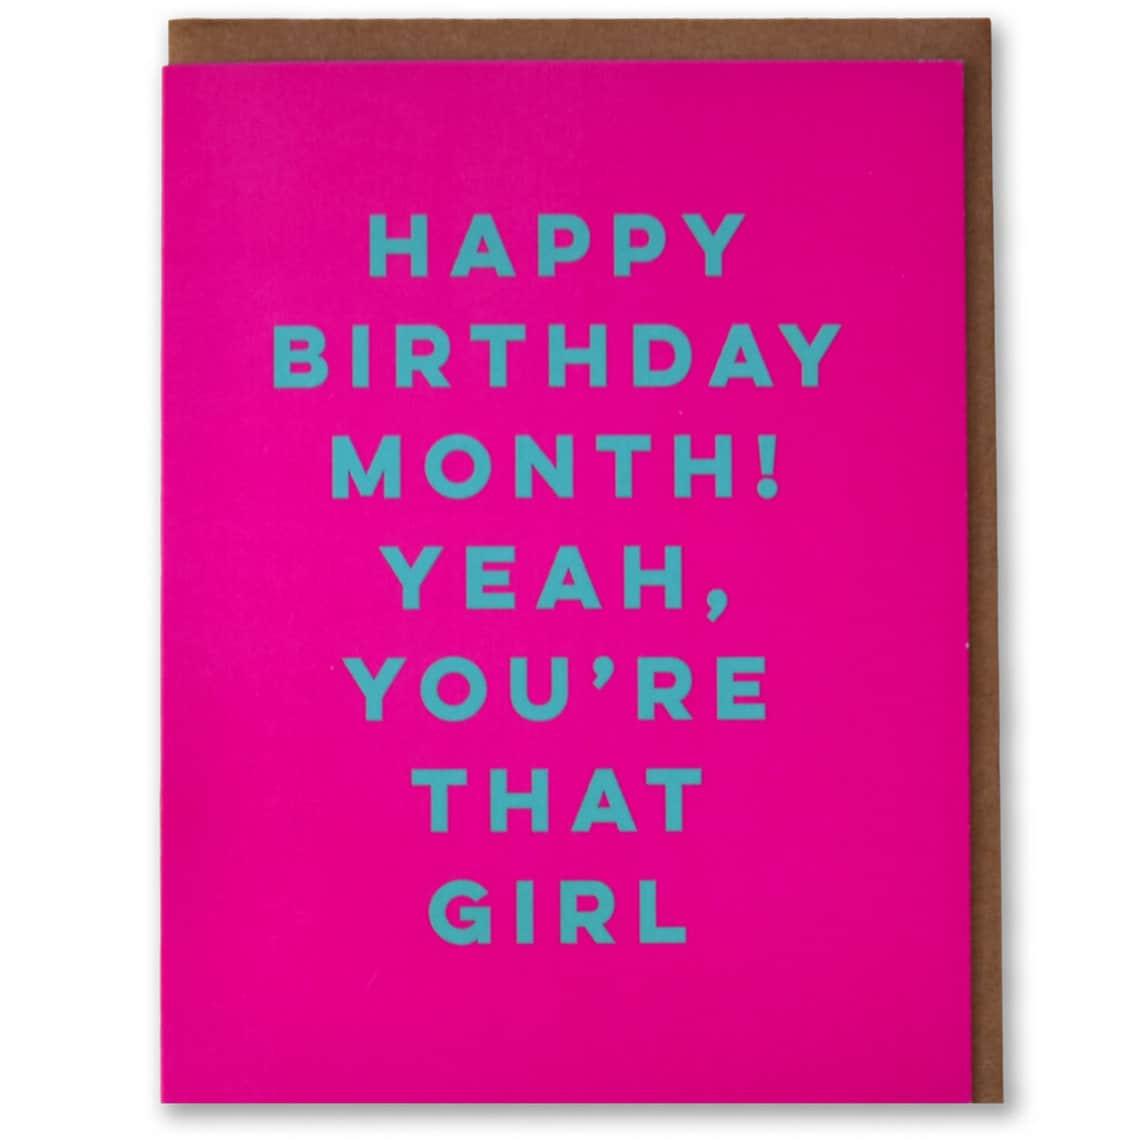 Happy Birthday Month Funny Modern Birthday Card | Etsy